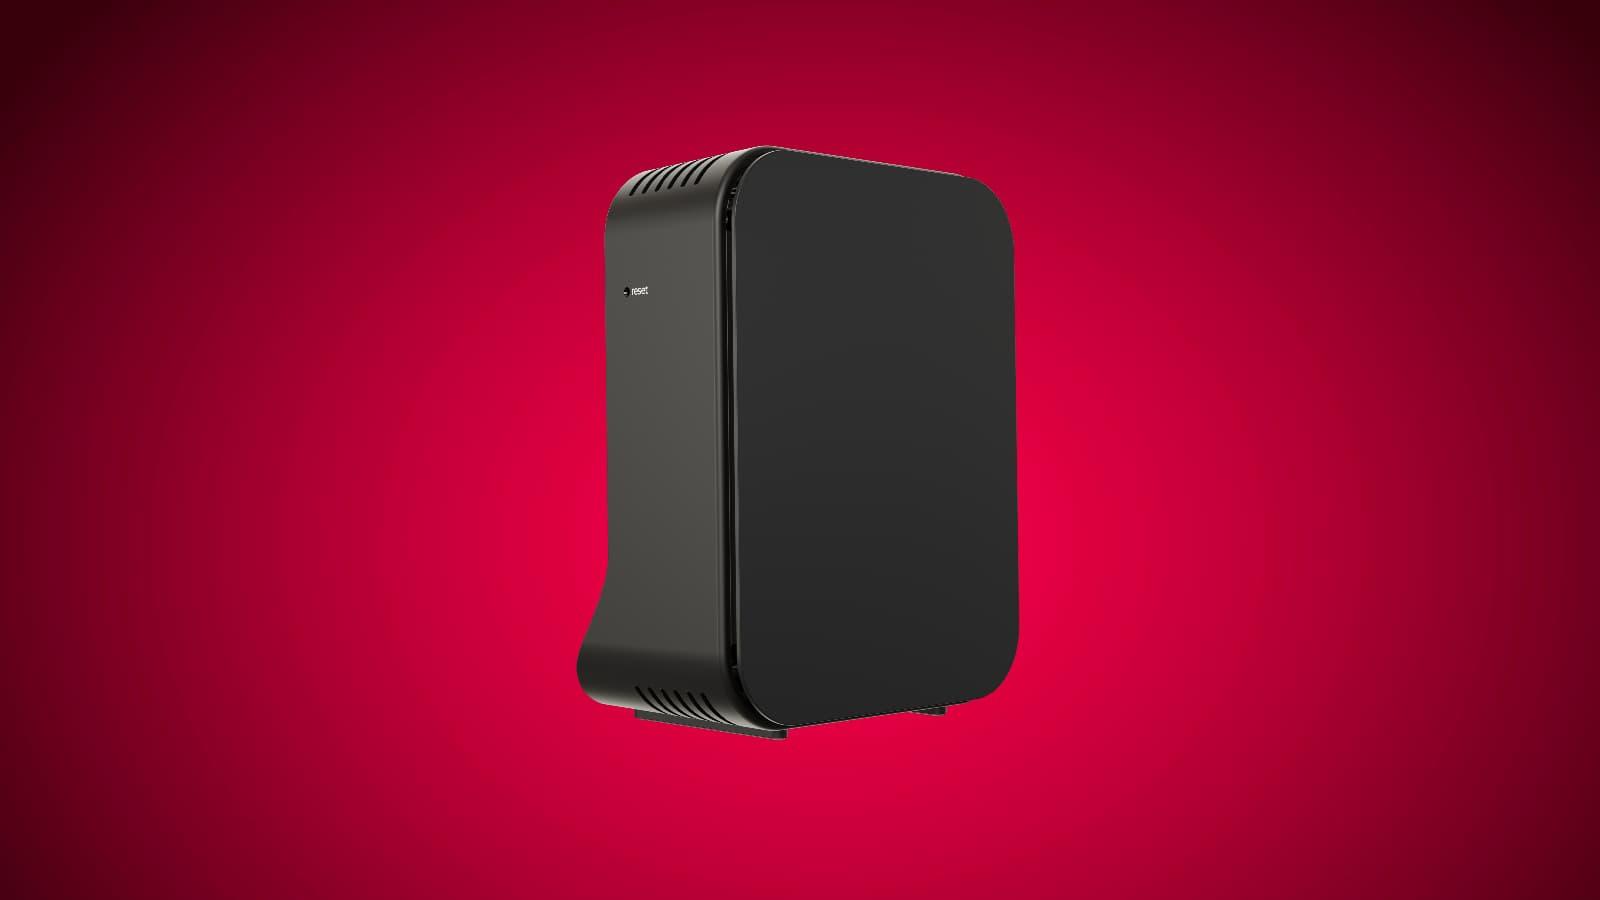 Découvrez le répéteur Smart WiFi de SFR